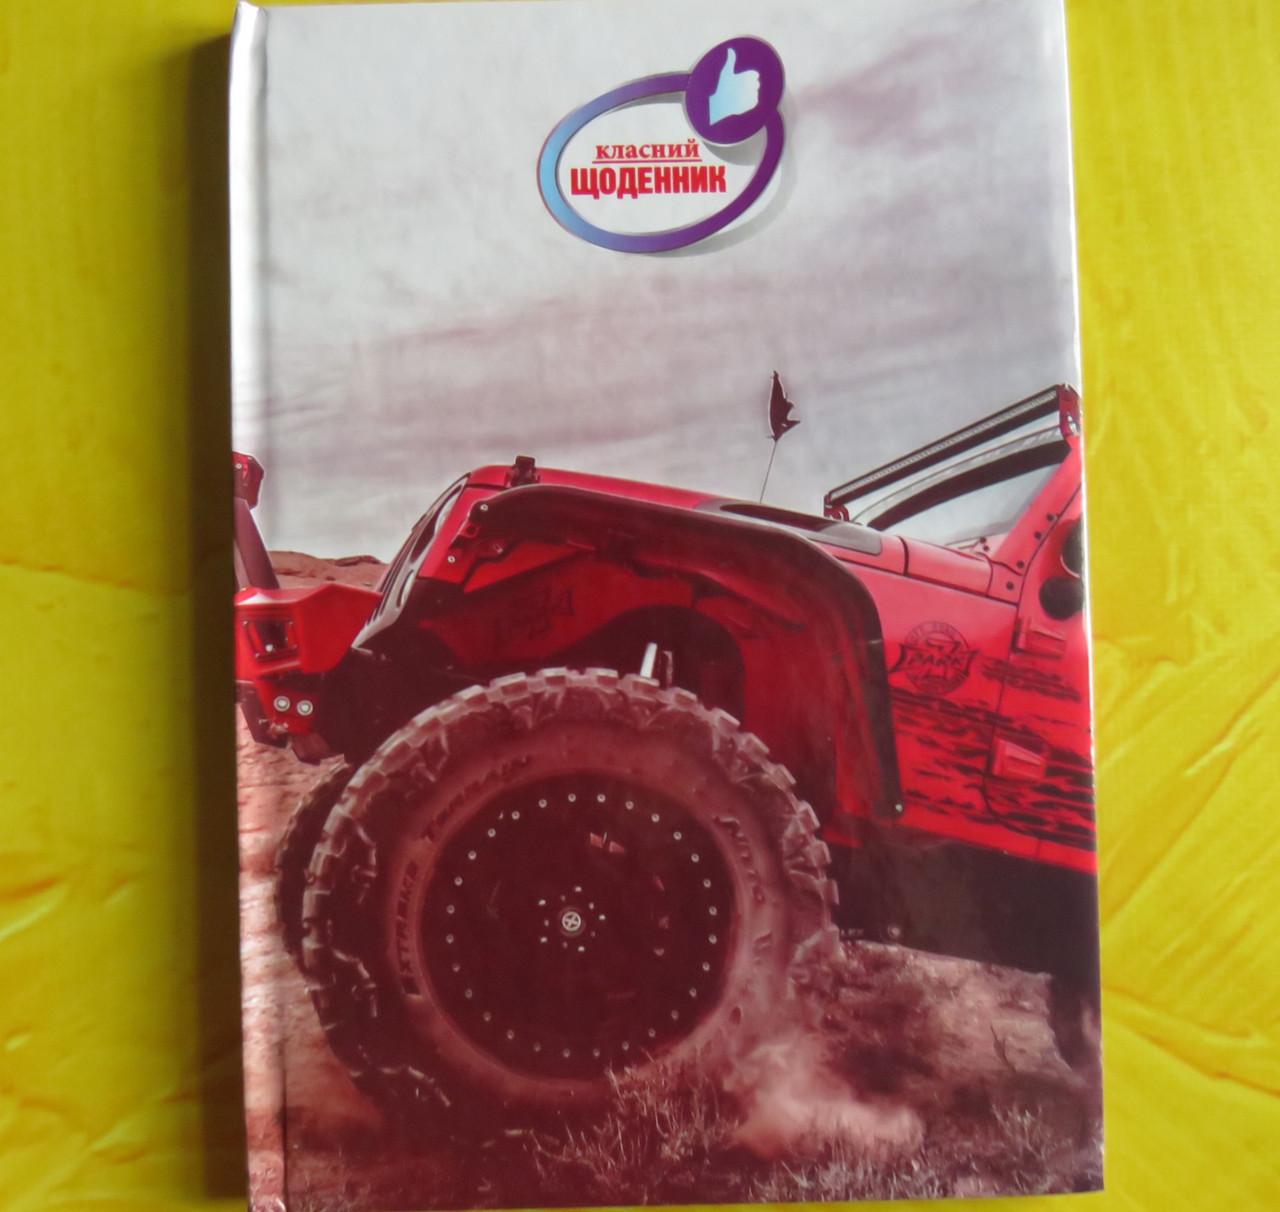 Классный школьный дневник, твердый переплет, внедорожник 2